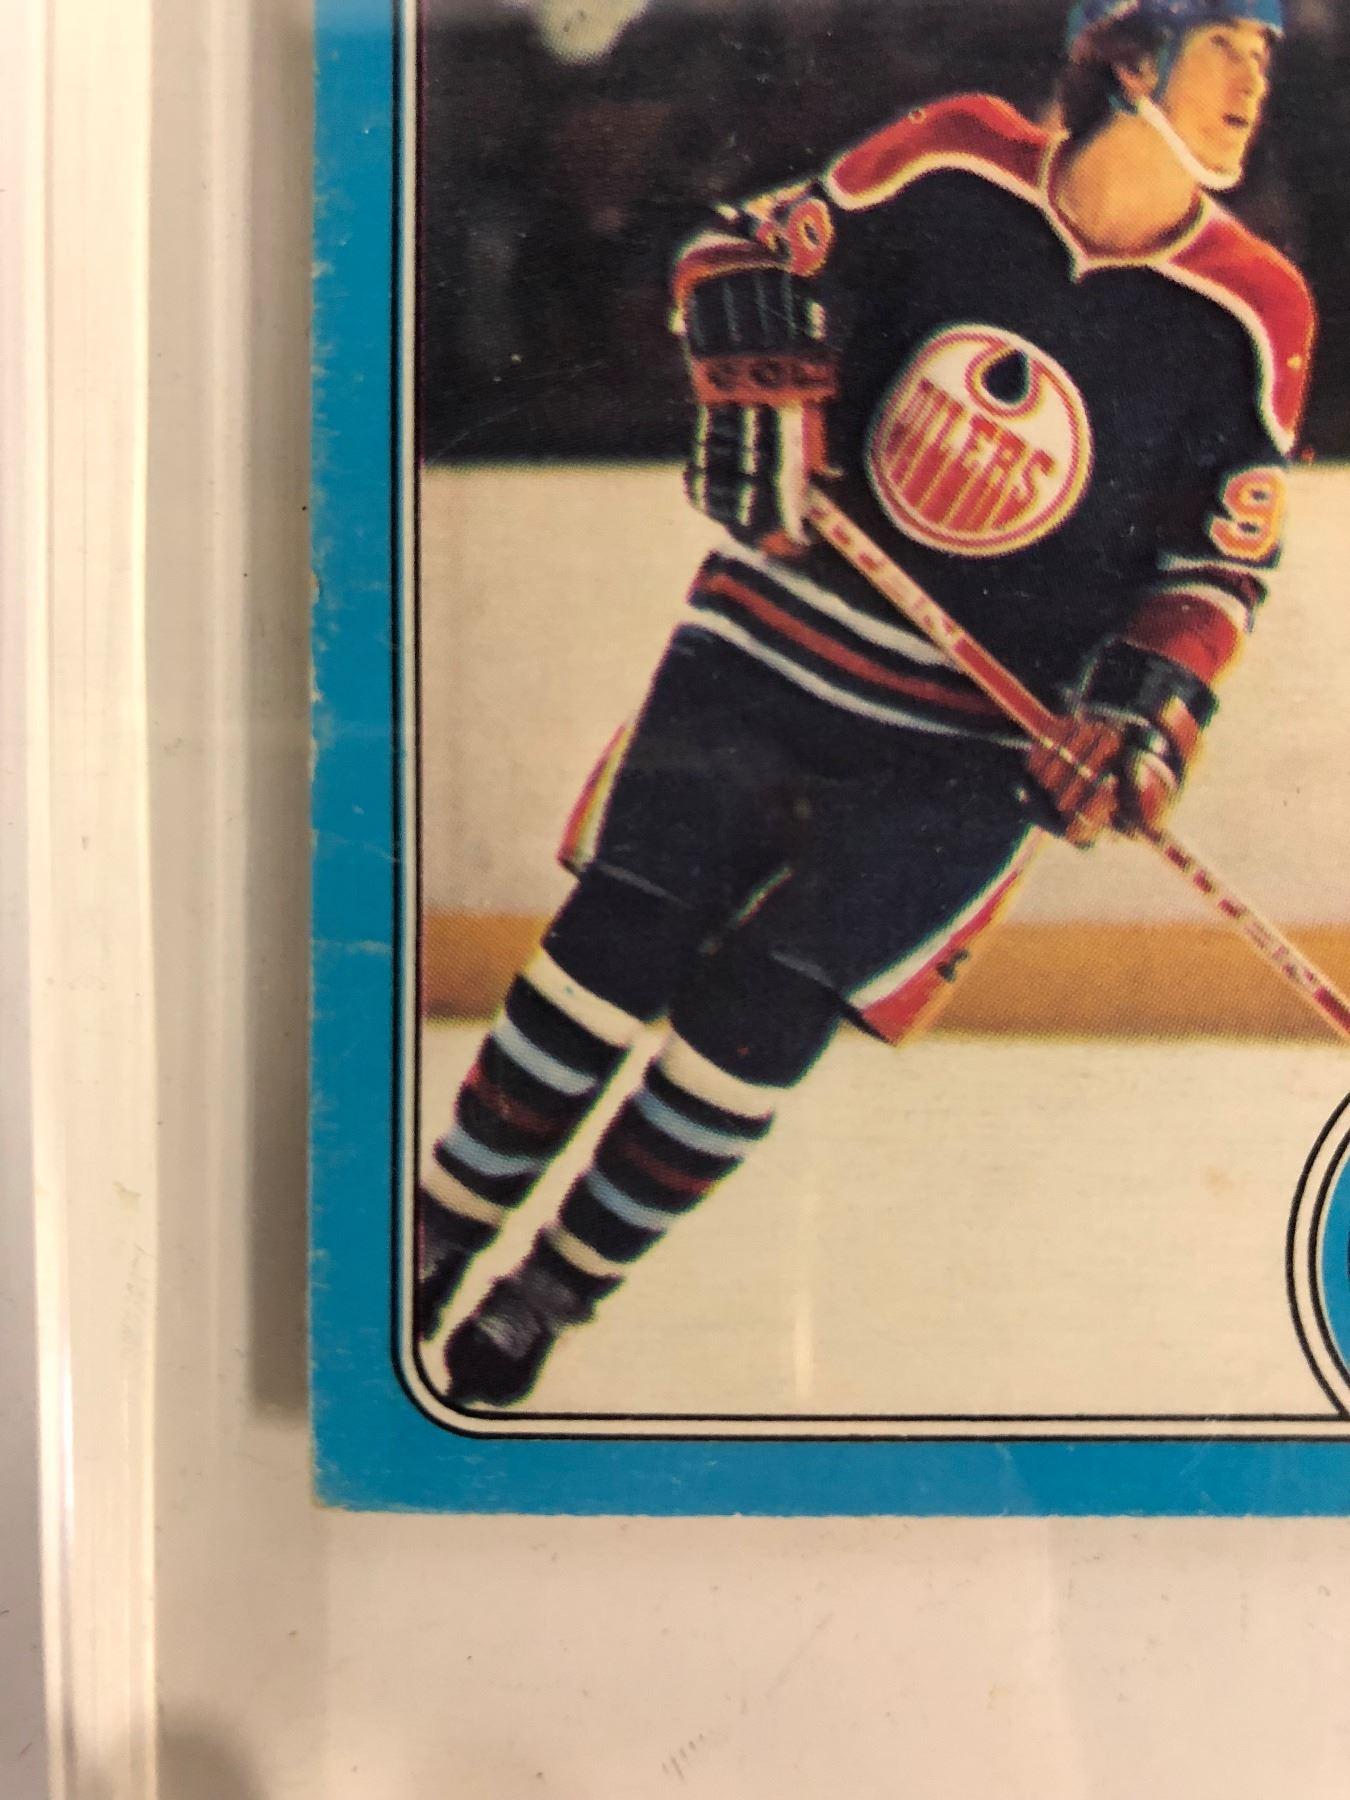 1979 80 O Pee Chee 18 Wayne Gretzky Rookie Card